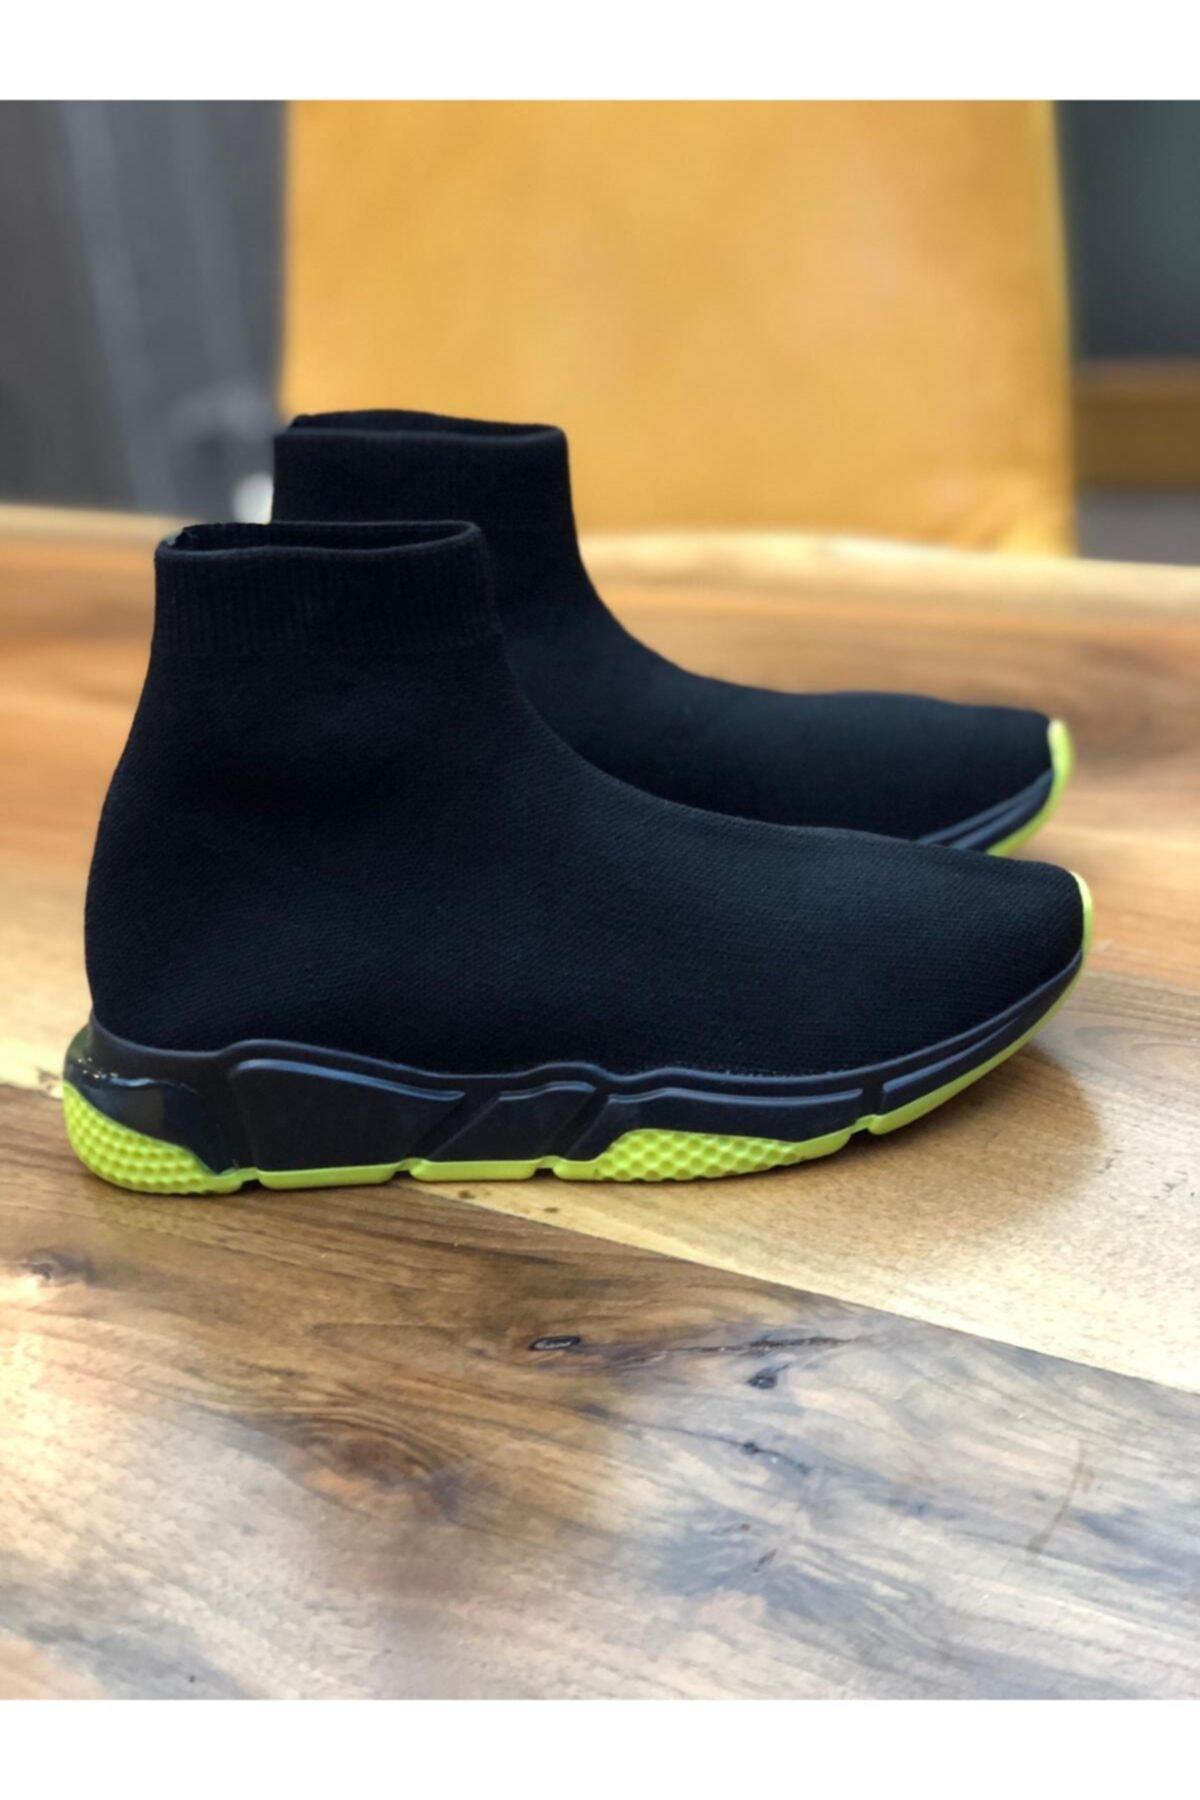 POLENS Kadın Çorap Tarzı Sneakers Spor Ayakkabı 1